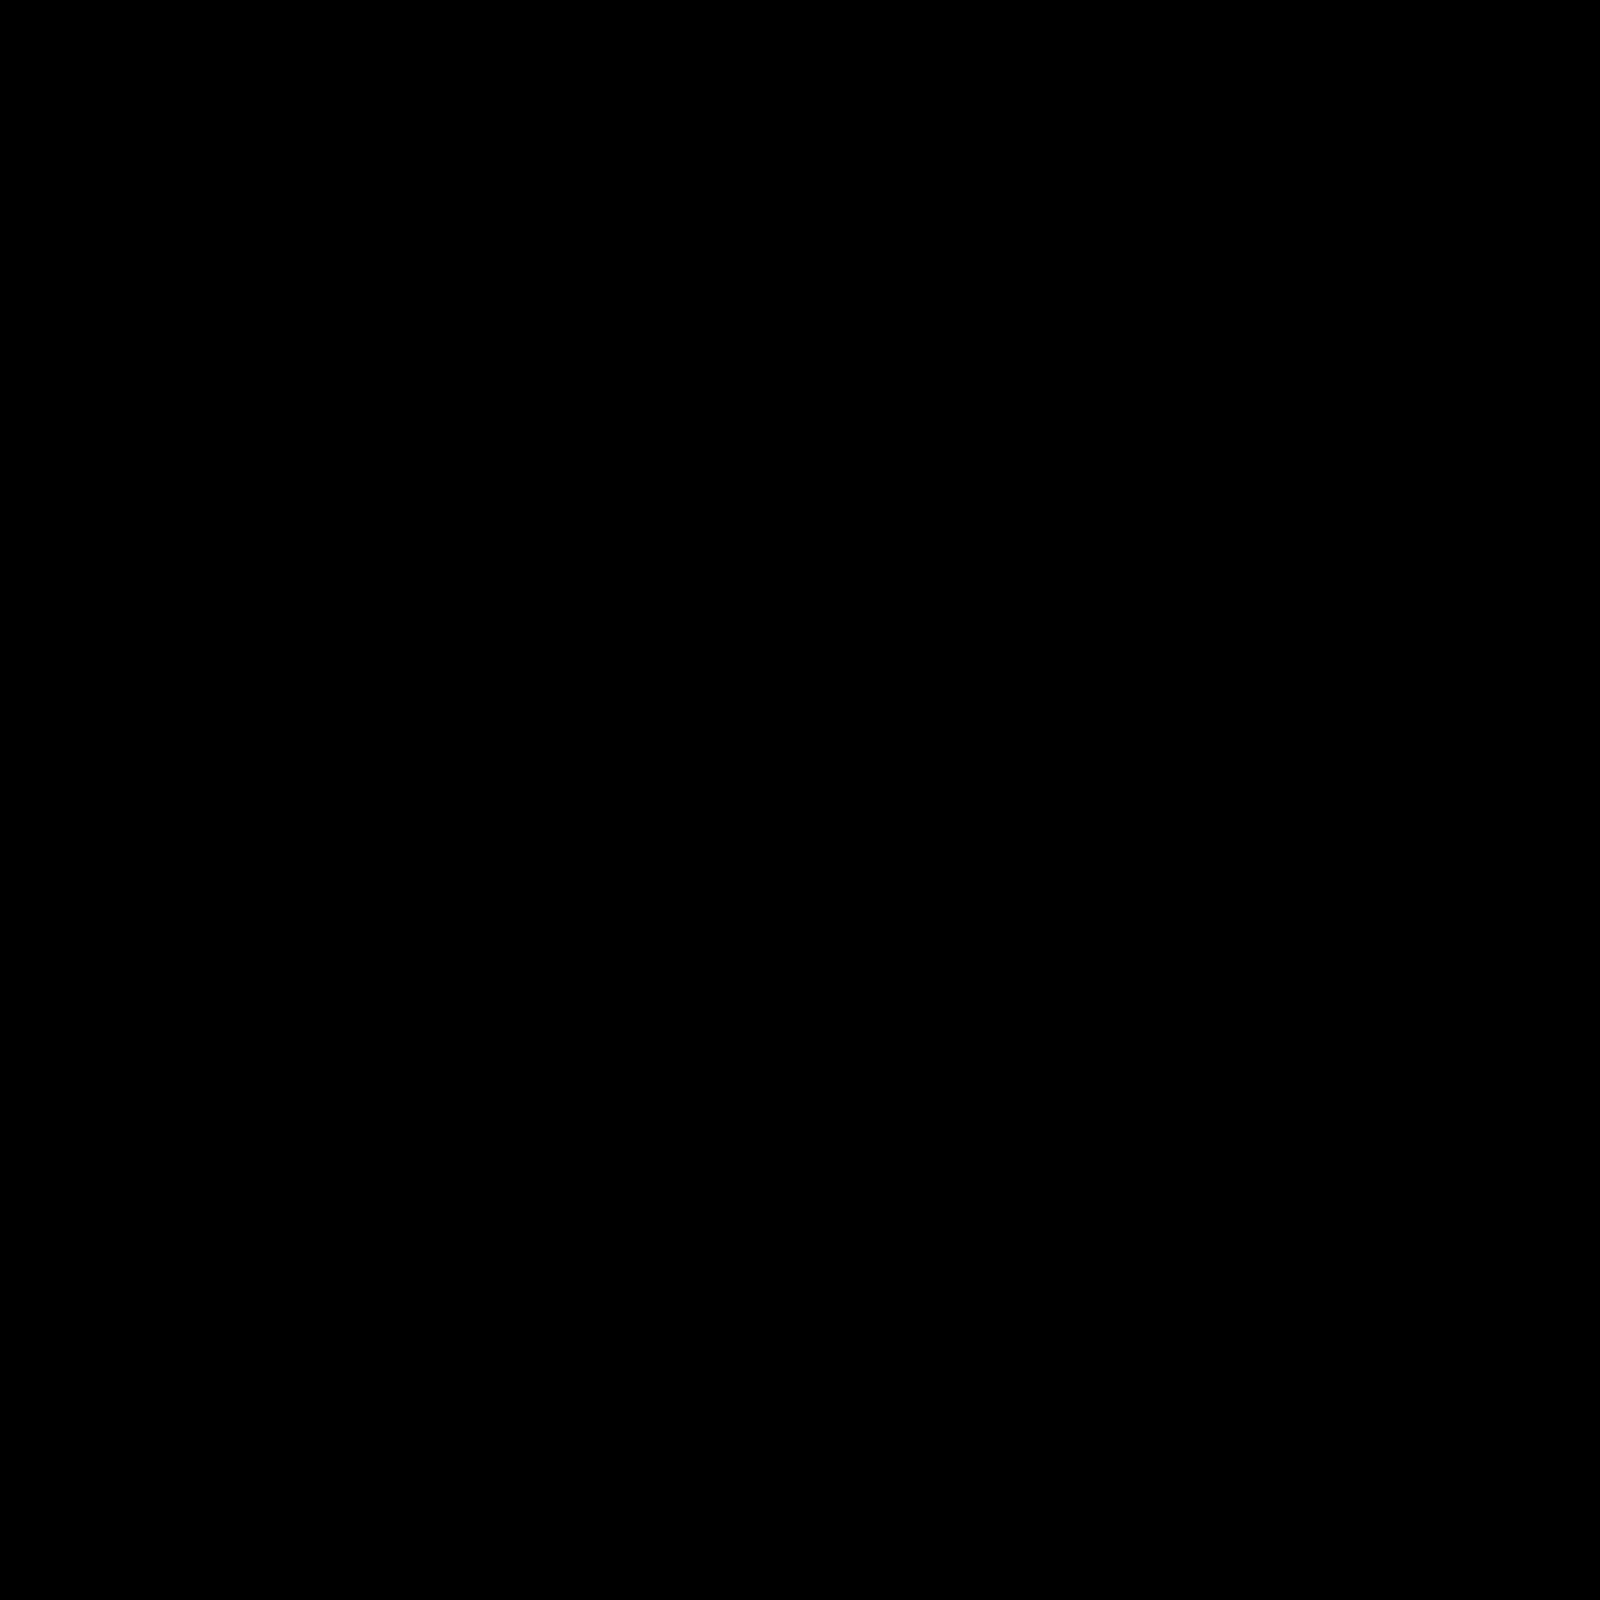 Checked Checkbox icon